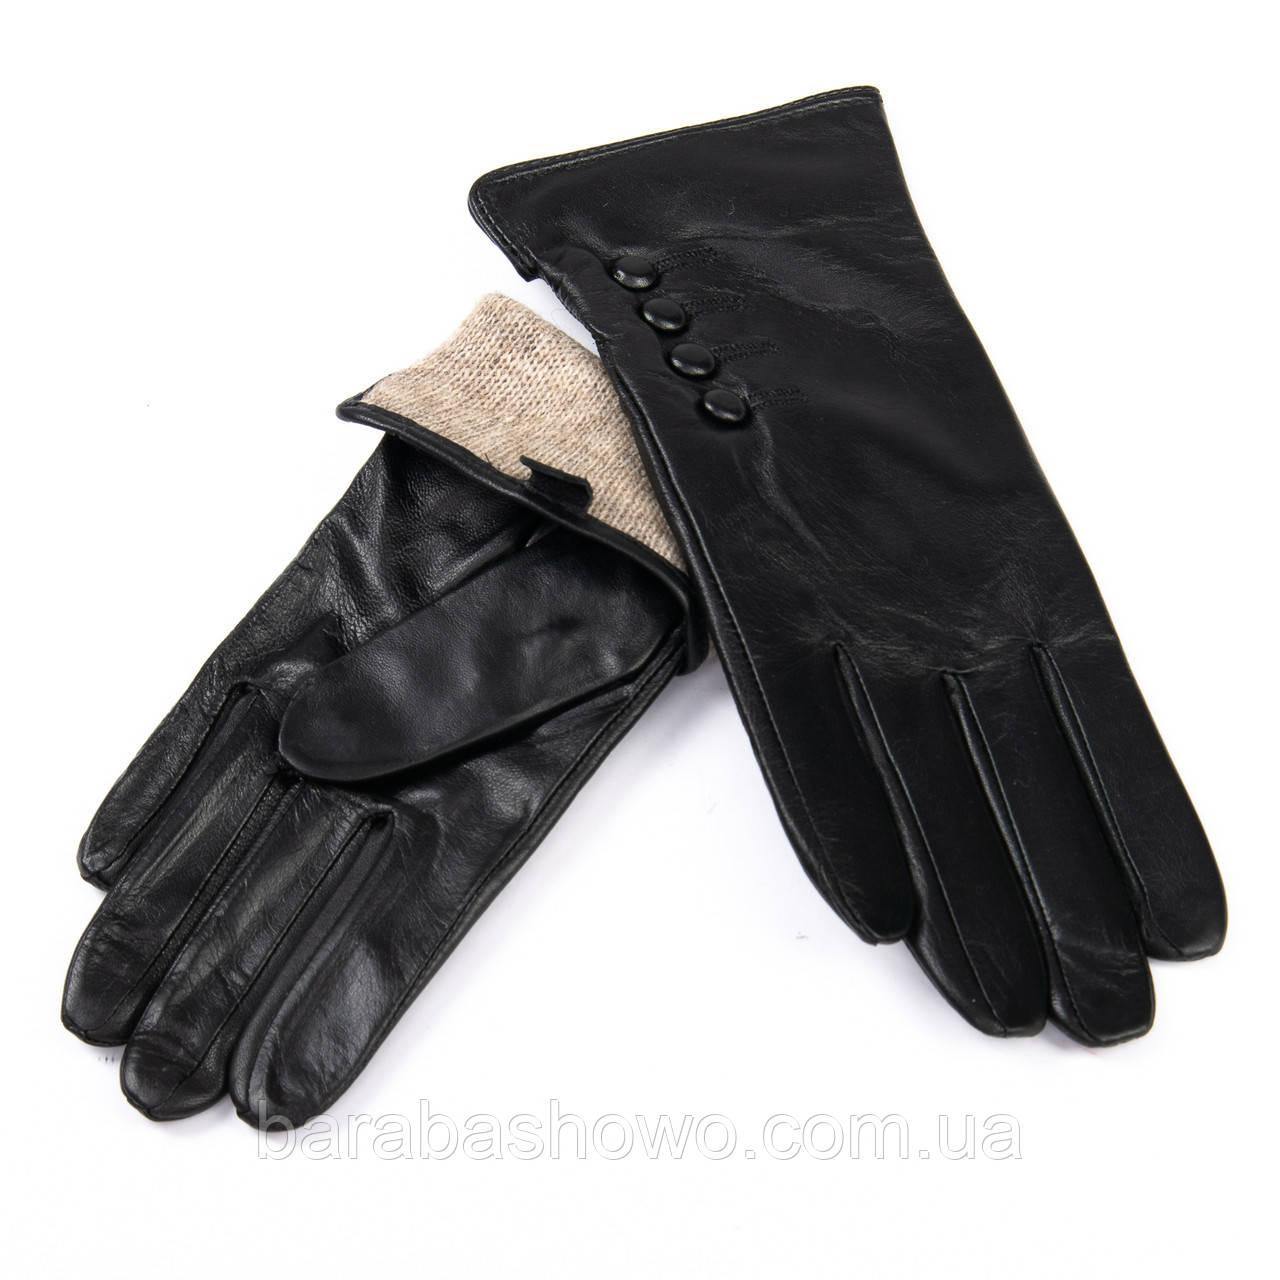 Кожаные женские перчатки с шерстяной подкладкой. F31/19 мод5